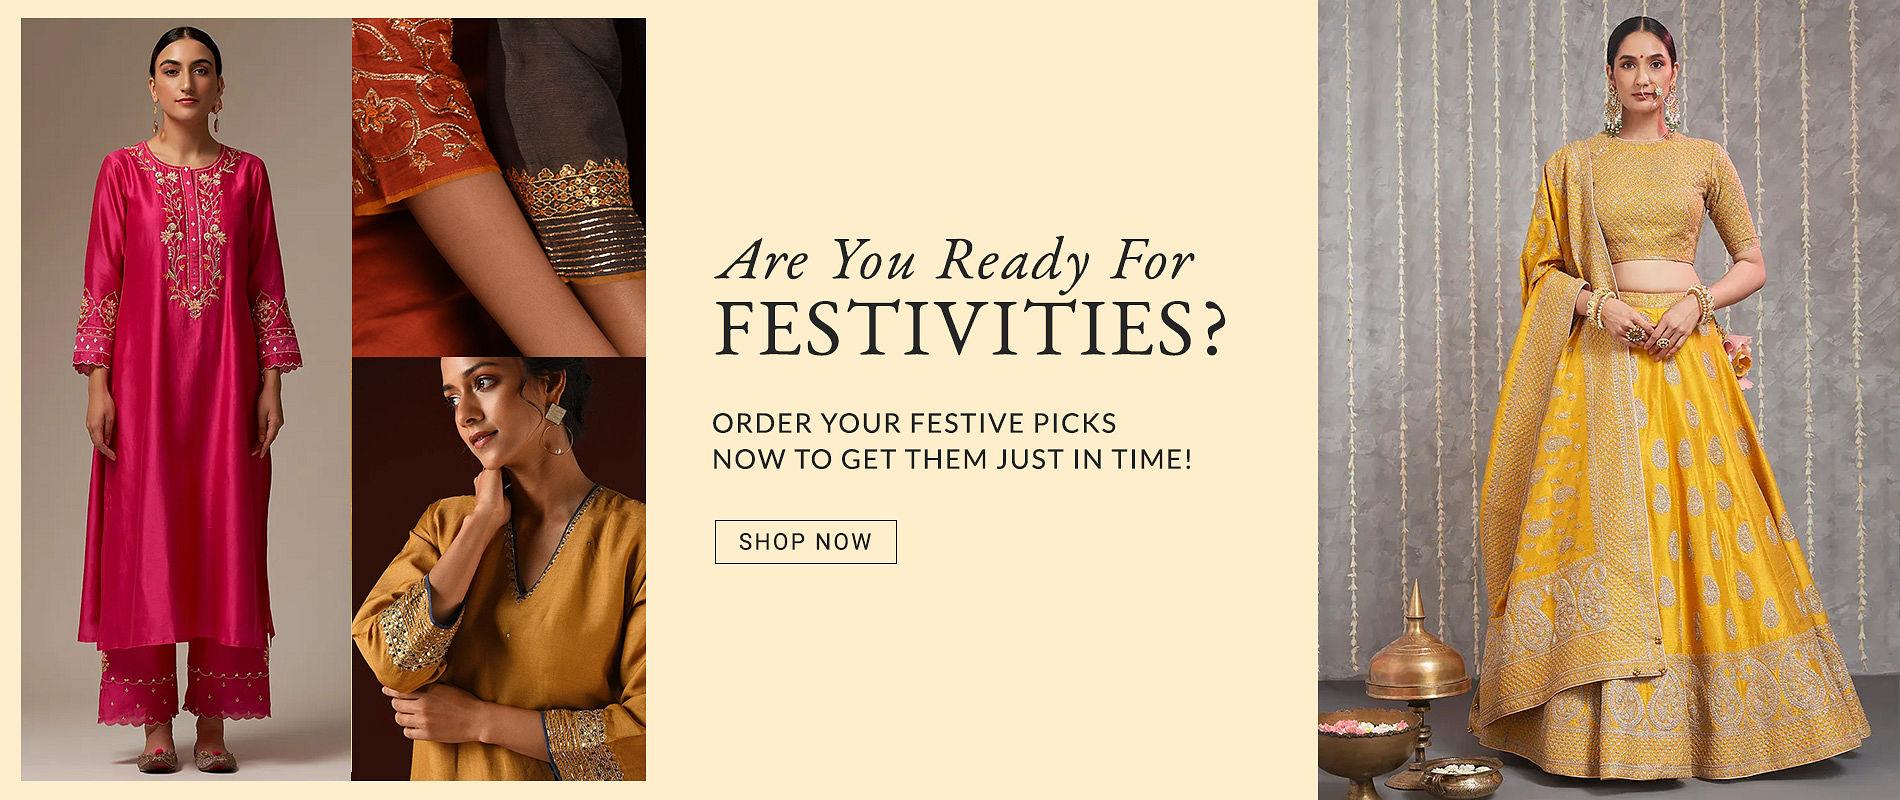 festive links for apparel